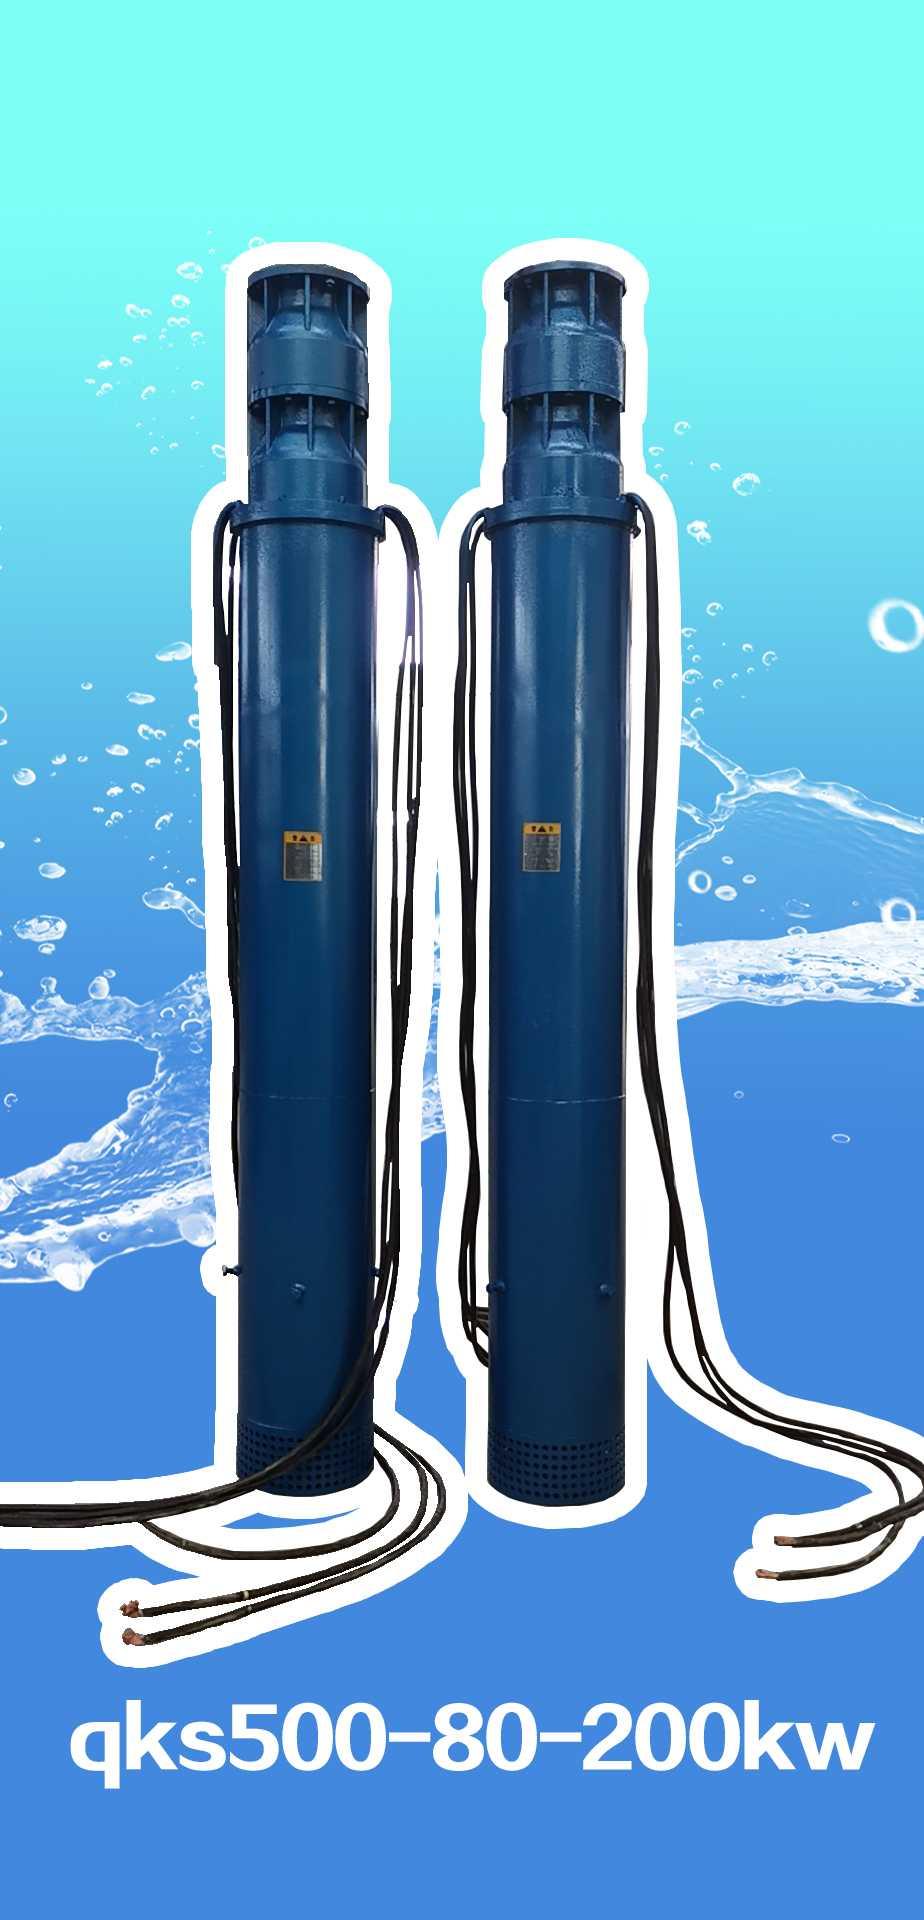 污水泵qks500-80-200kw